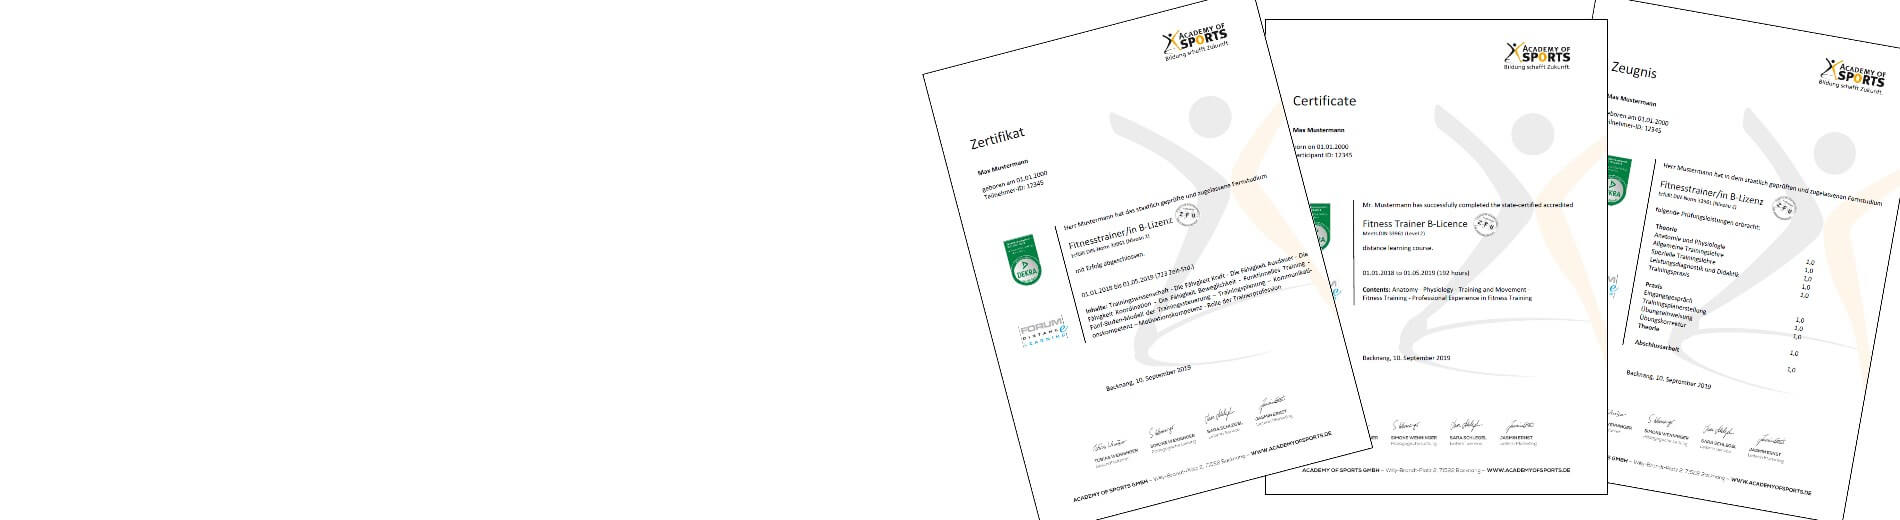 Breitensport Trainer C Lizenz Online Ausbildung Academy Of